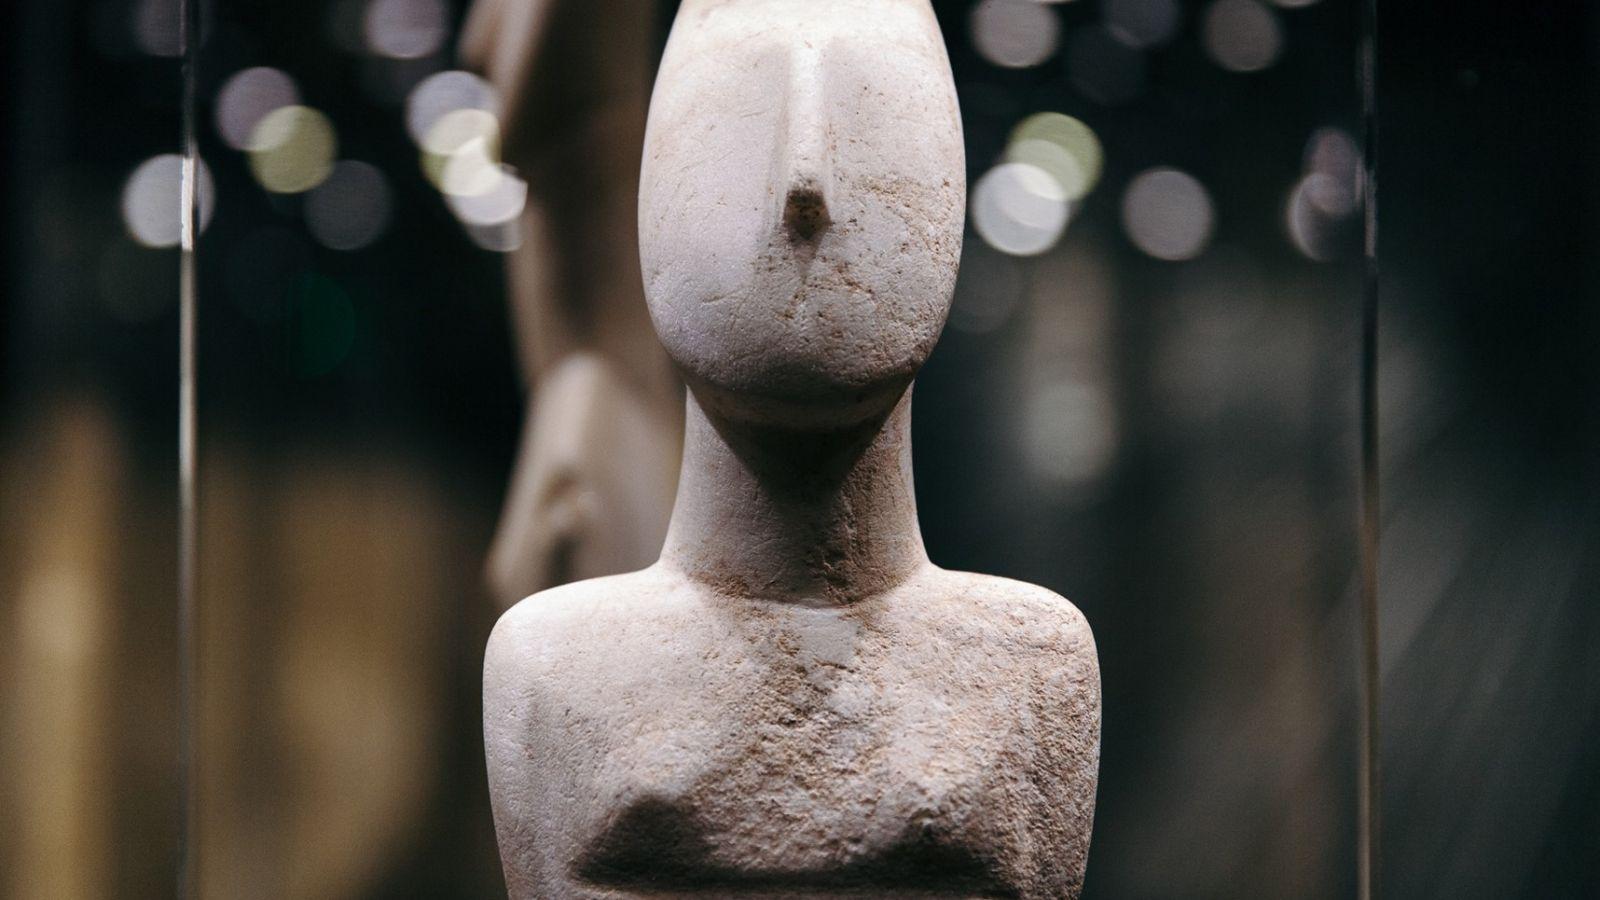 Μουσείο Κυκλαδικής Τέχνης: Ανοίγει και πάλι την 1η Ιουλίου με ελεύθερη είσοδο